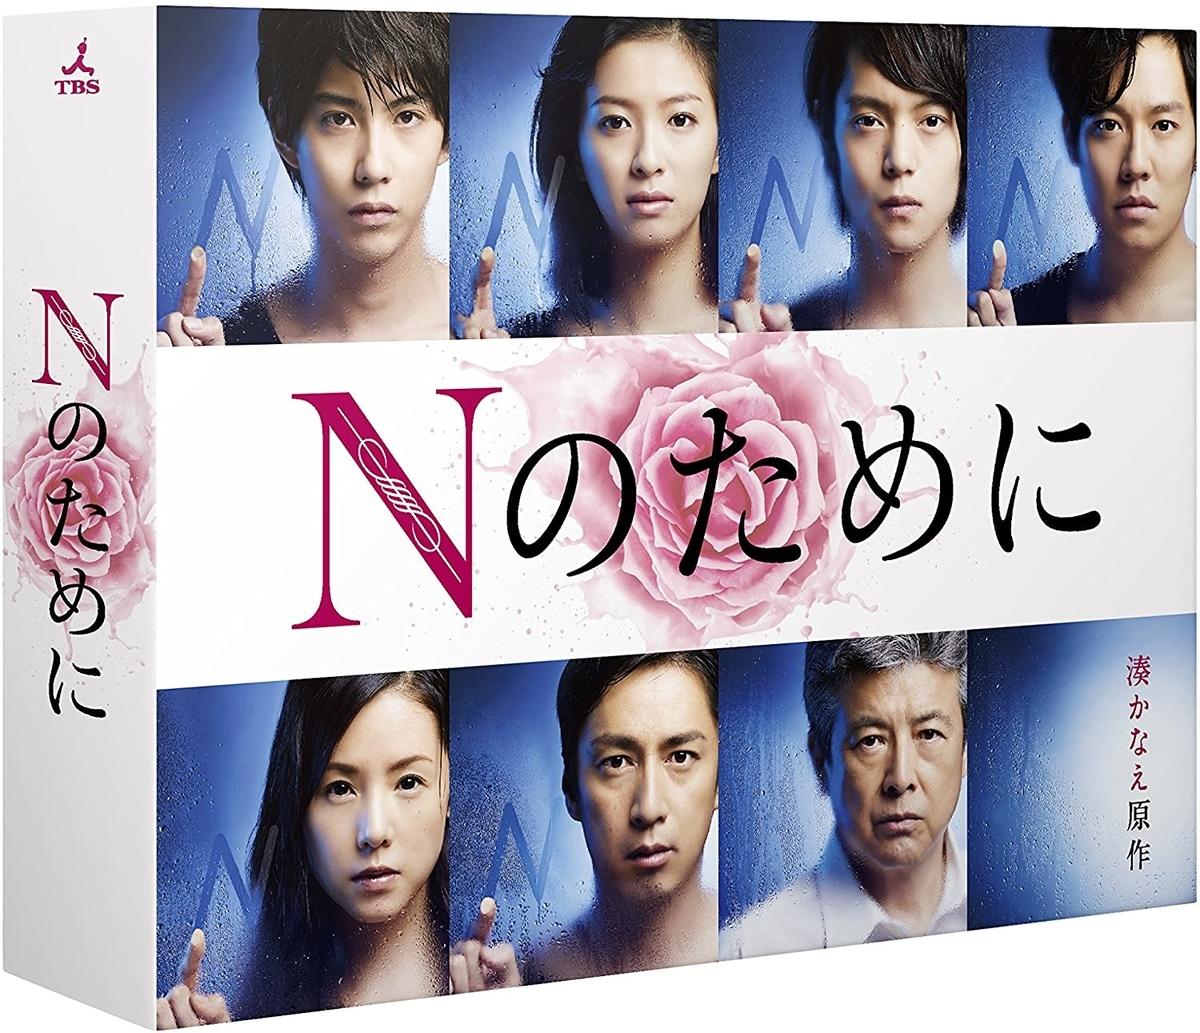 『Nのために』Blu-ray BOX、TCエンタテインメント、2015年